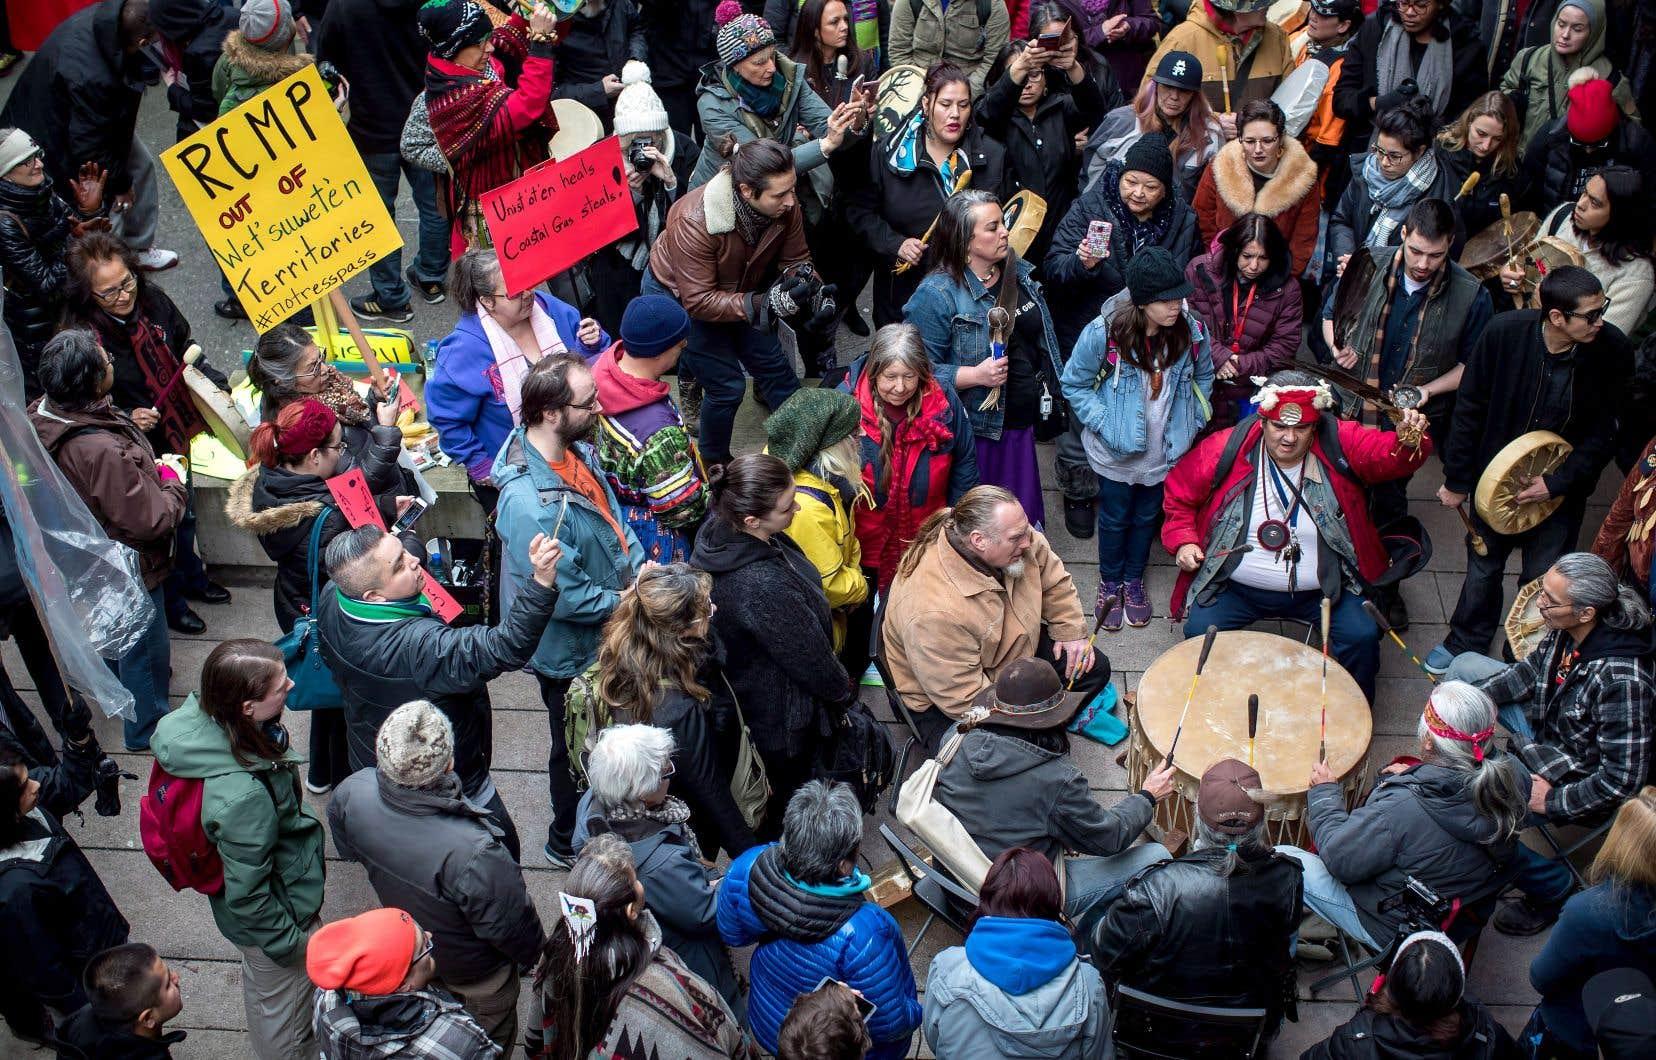 Des manifestants ont protesté contre l'arrestation lundi de militants autochtones.